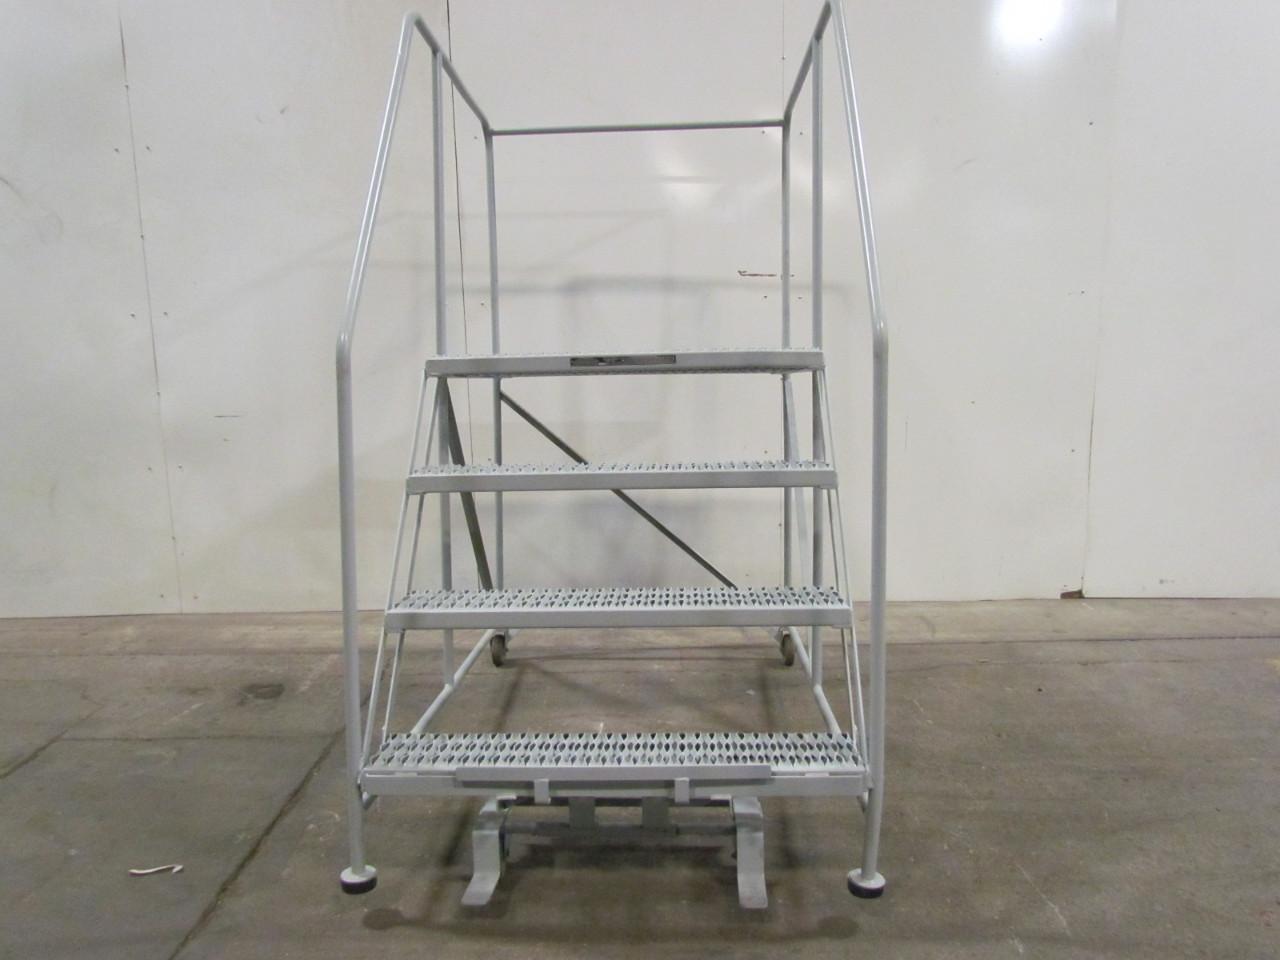 Cotterman 3 Step 40quoth Rolling Ladder Work Platform 4 Step